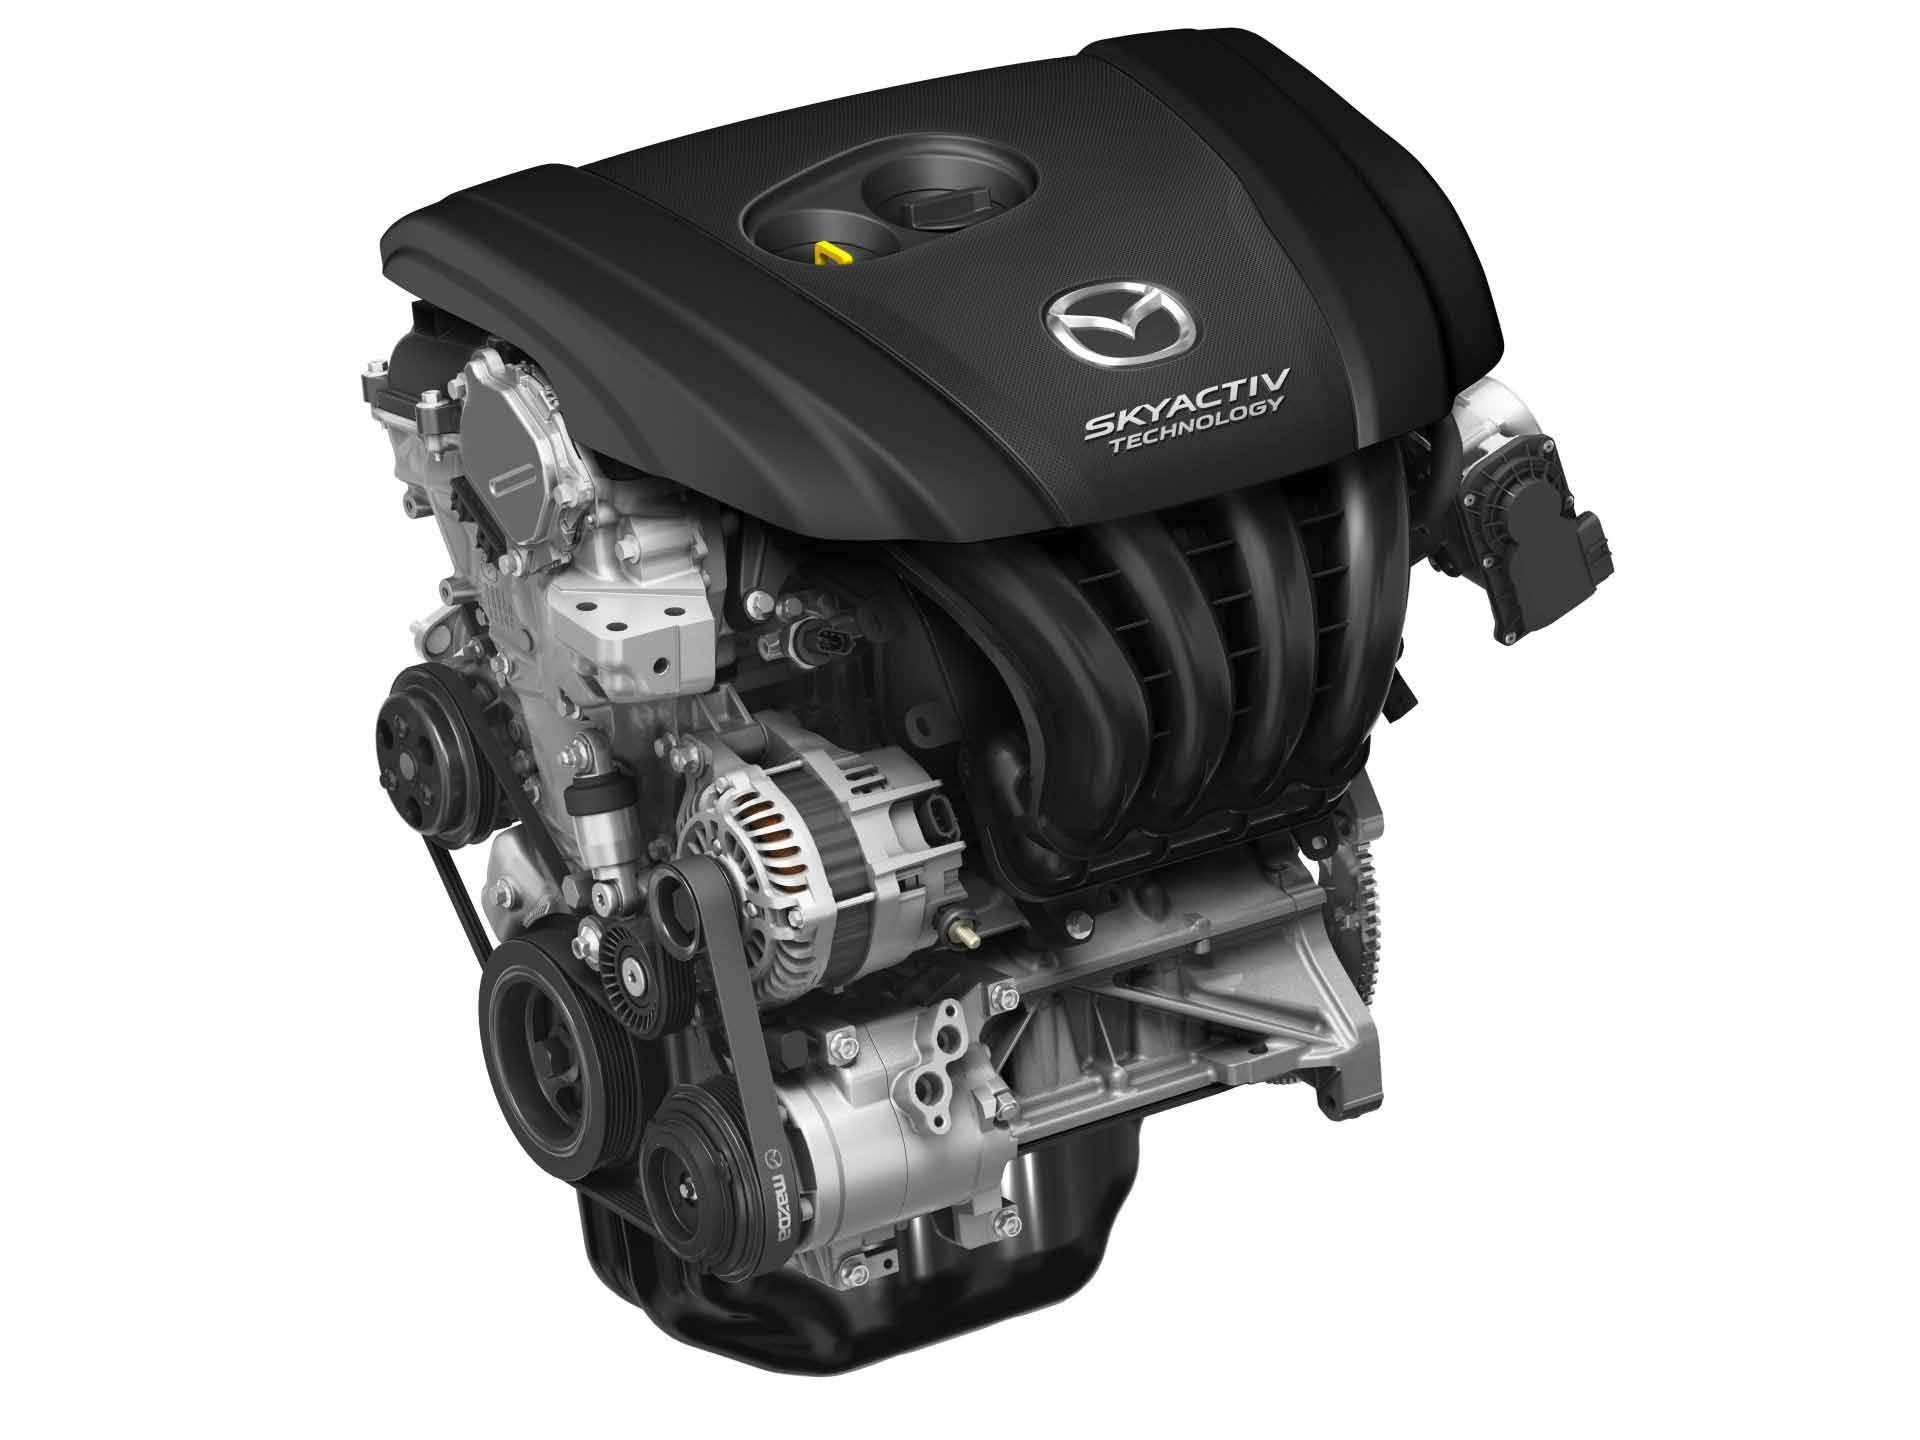 _Mazda-Skyactiv-Technologie--(2)